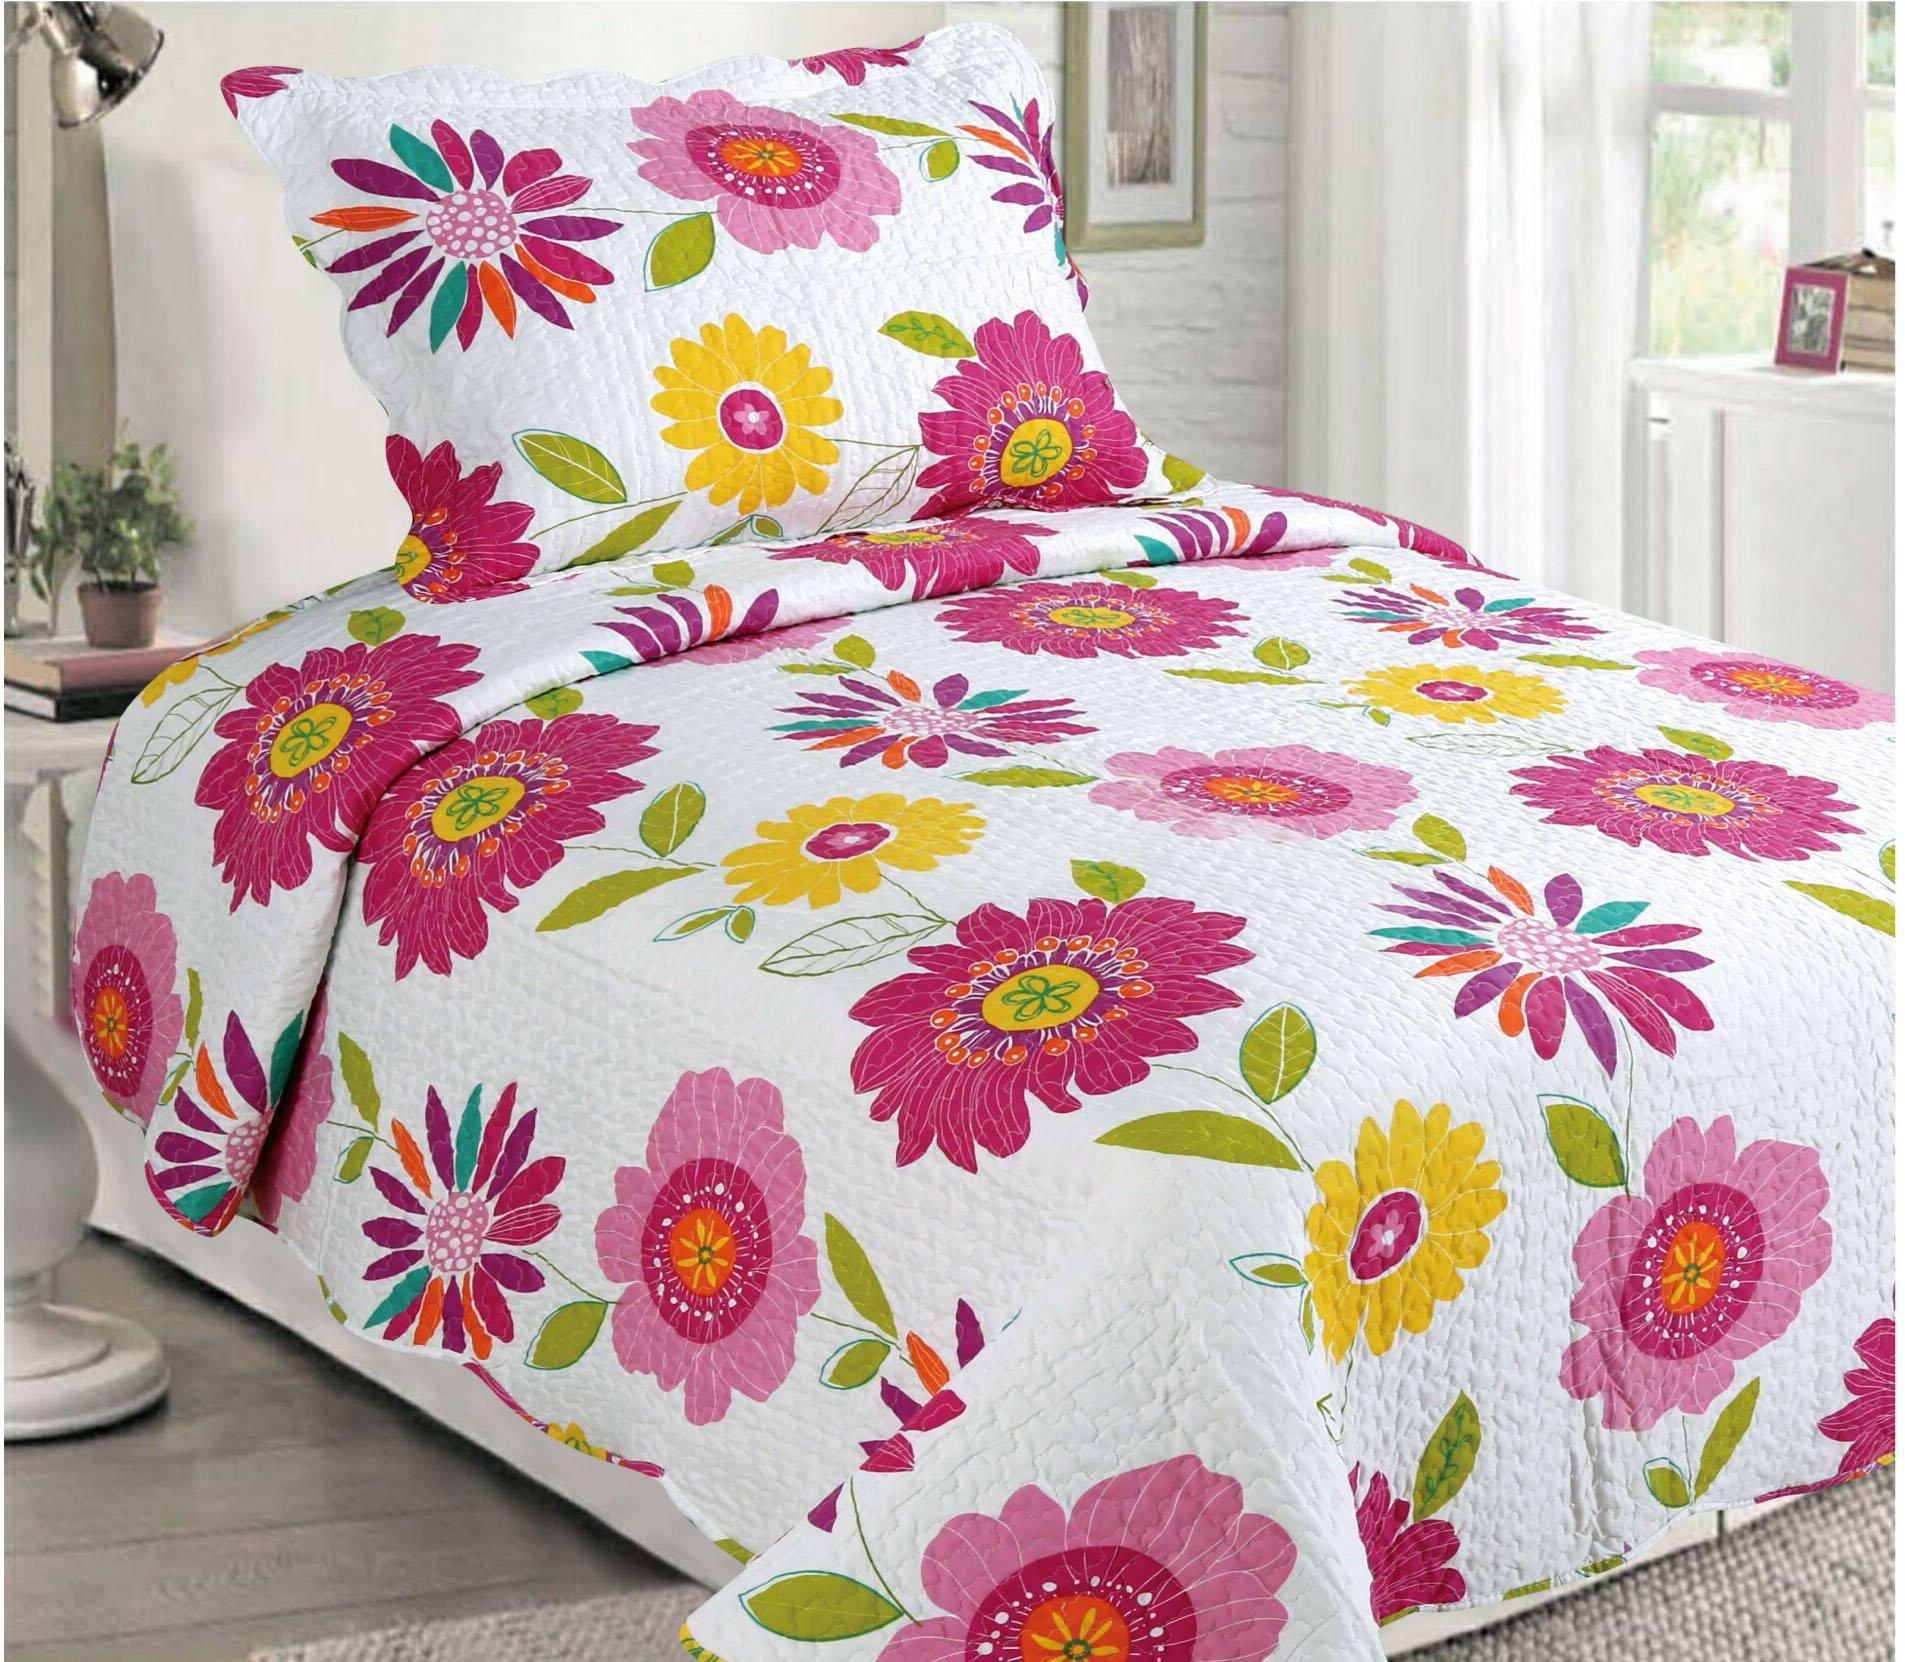 LuxuryDiscounts 2 Piece Multicolor Floral Pattern Kids Quilt Bedspread Coverlet Set, Twin QS-32